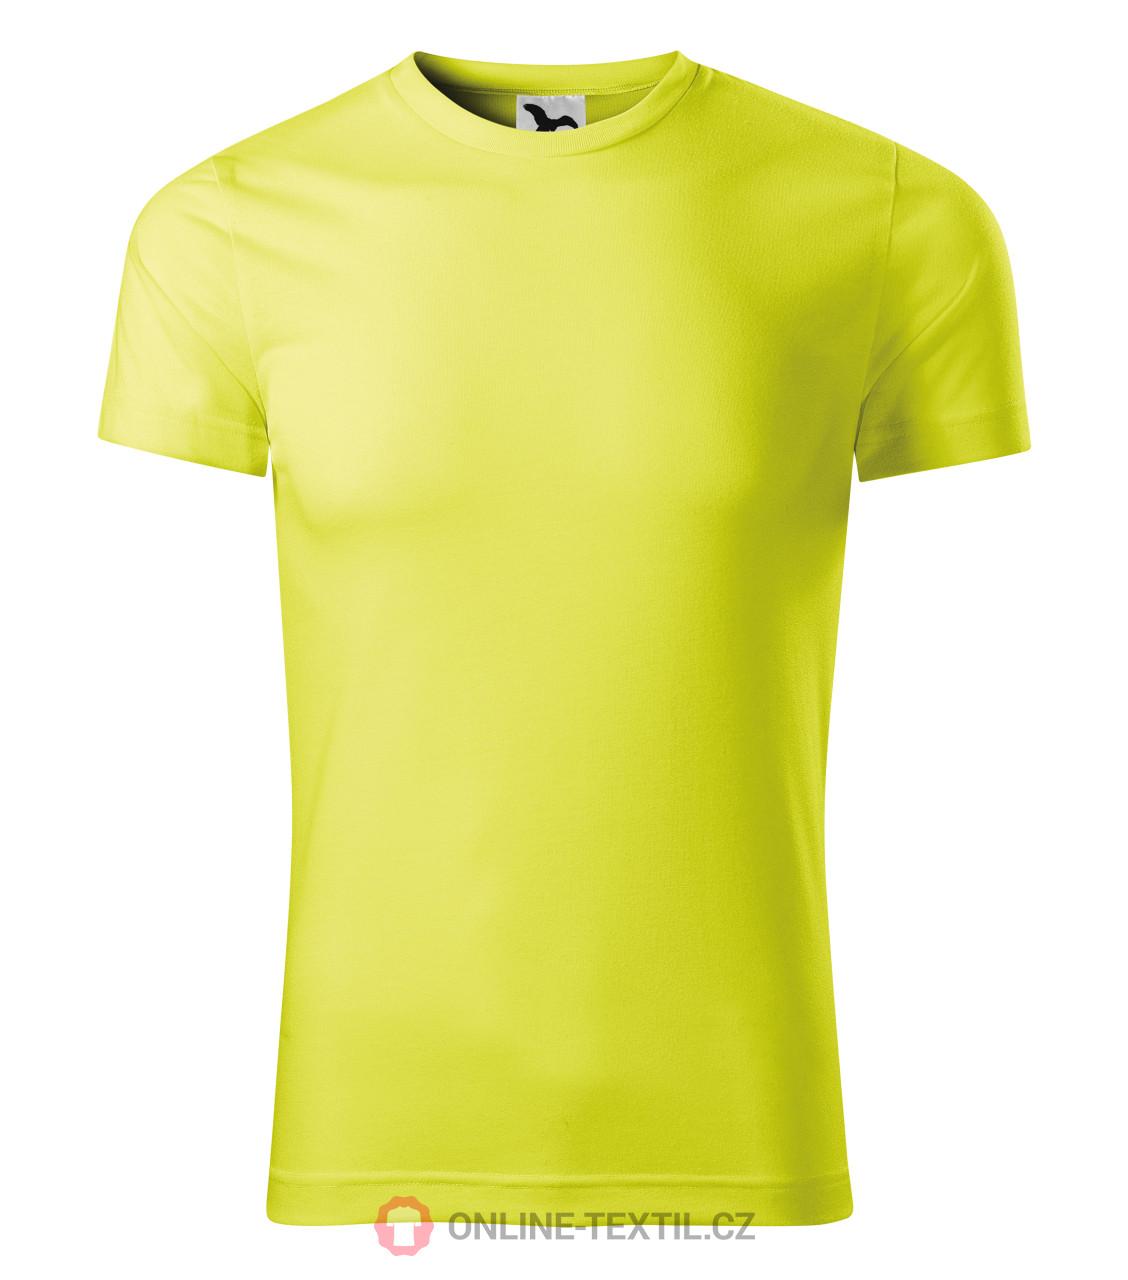 7752b8c80710 ADLER CZECH Sportovní tričko Star unisex 165 - neon yellow z kolekce ...